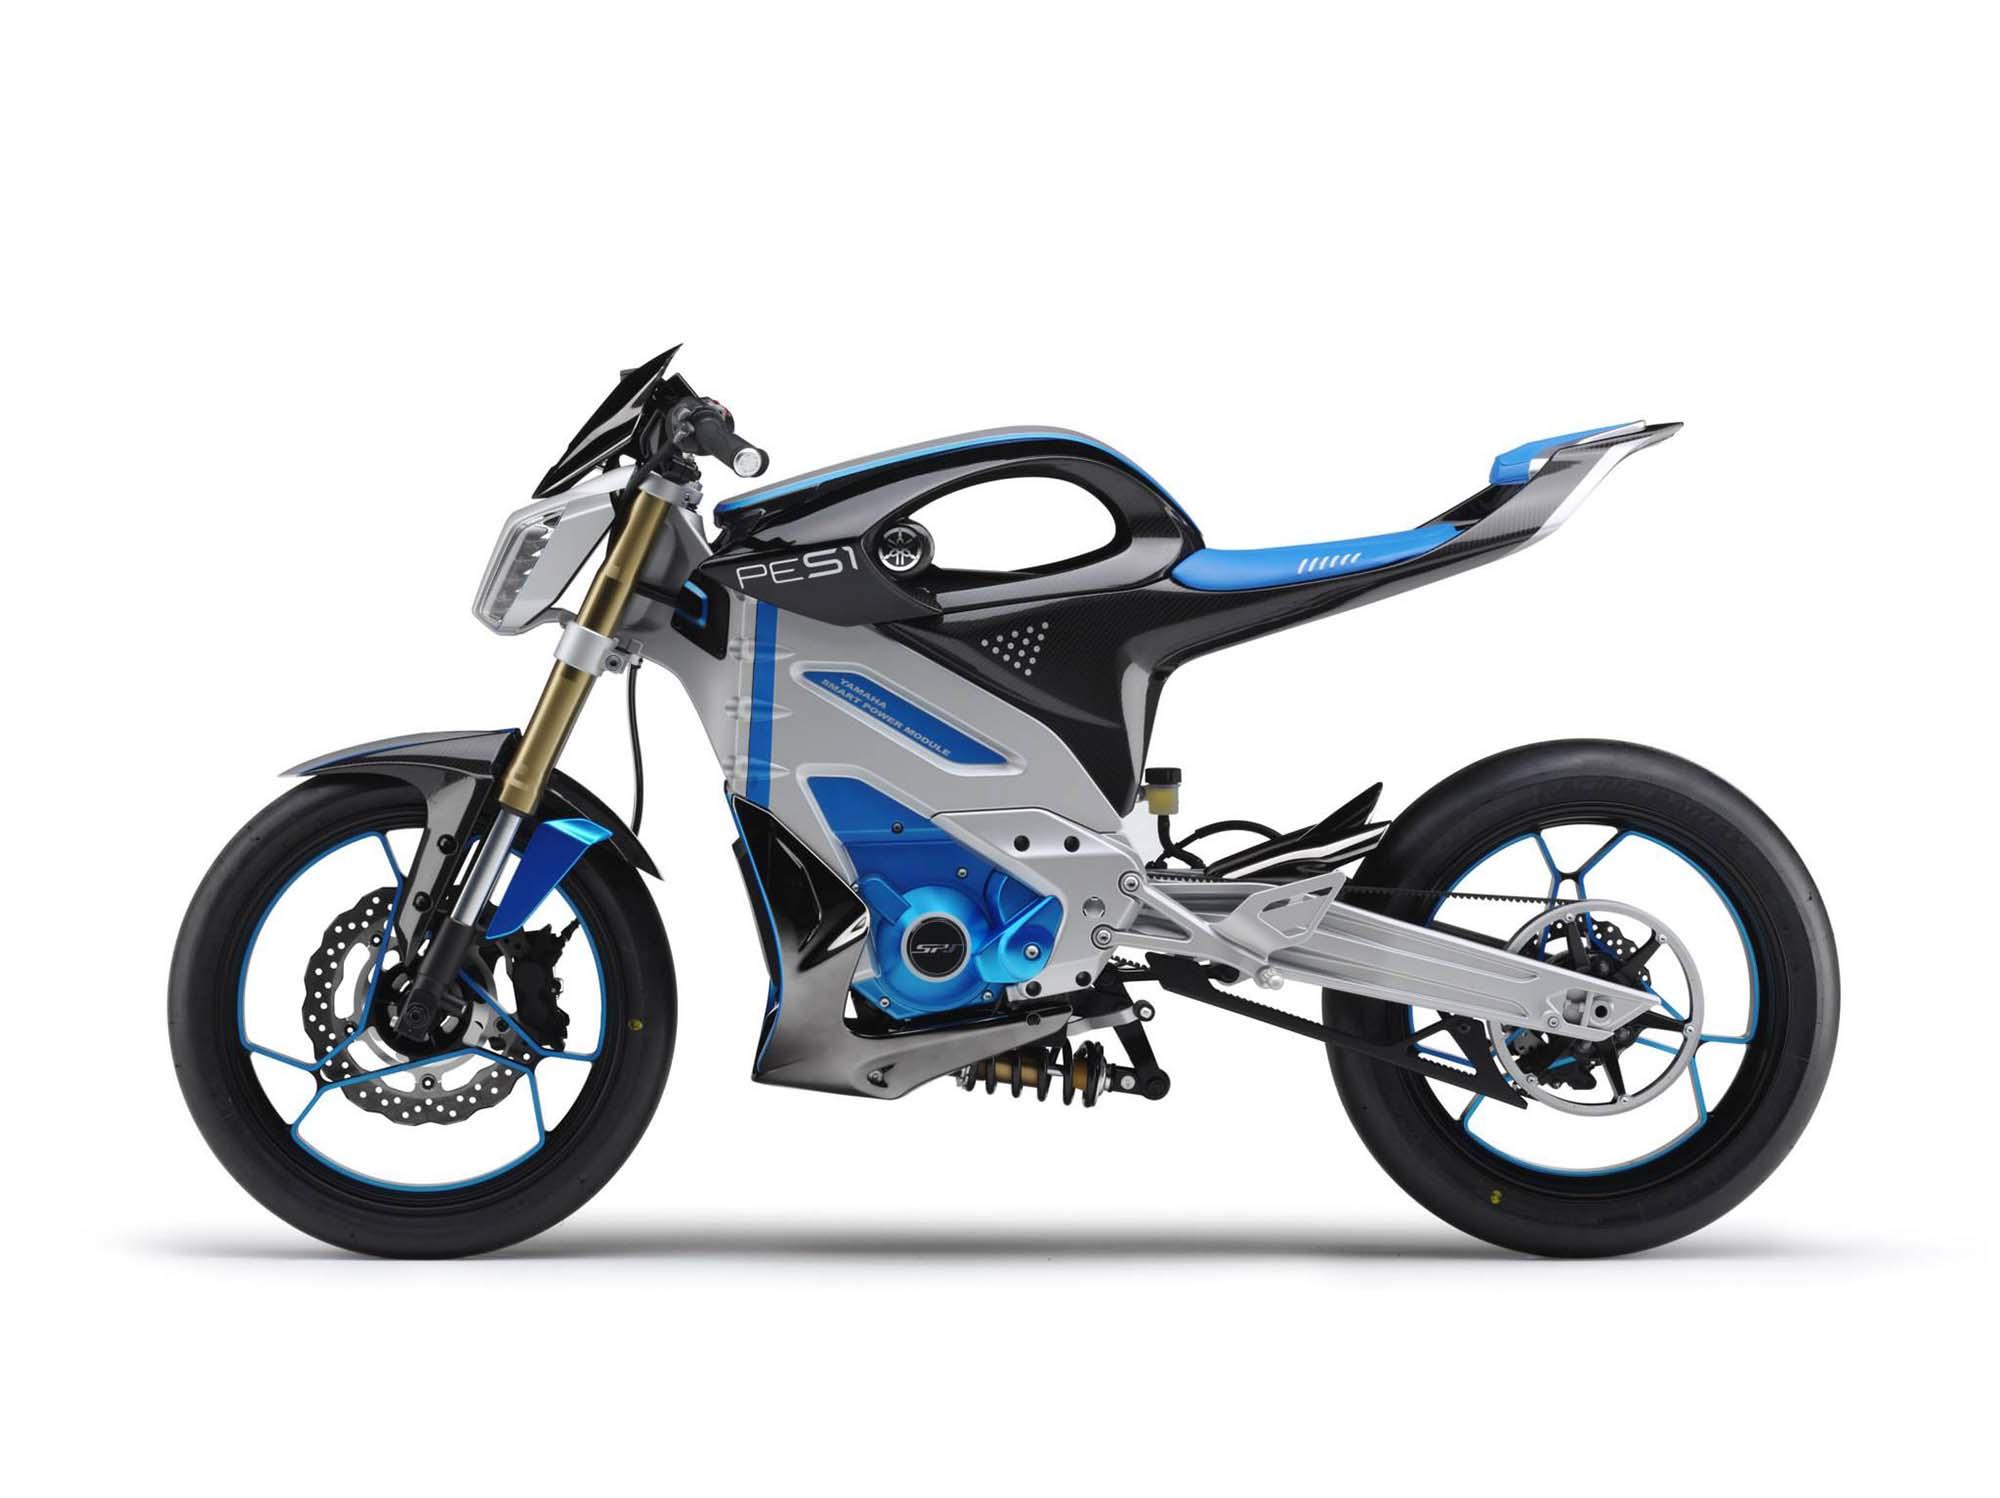 La sportive verte du futur - Page 13 Yamaha-PES1-electric-concept-02